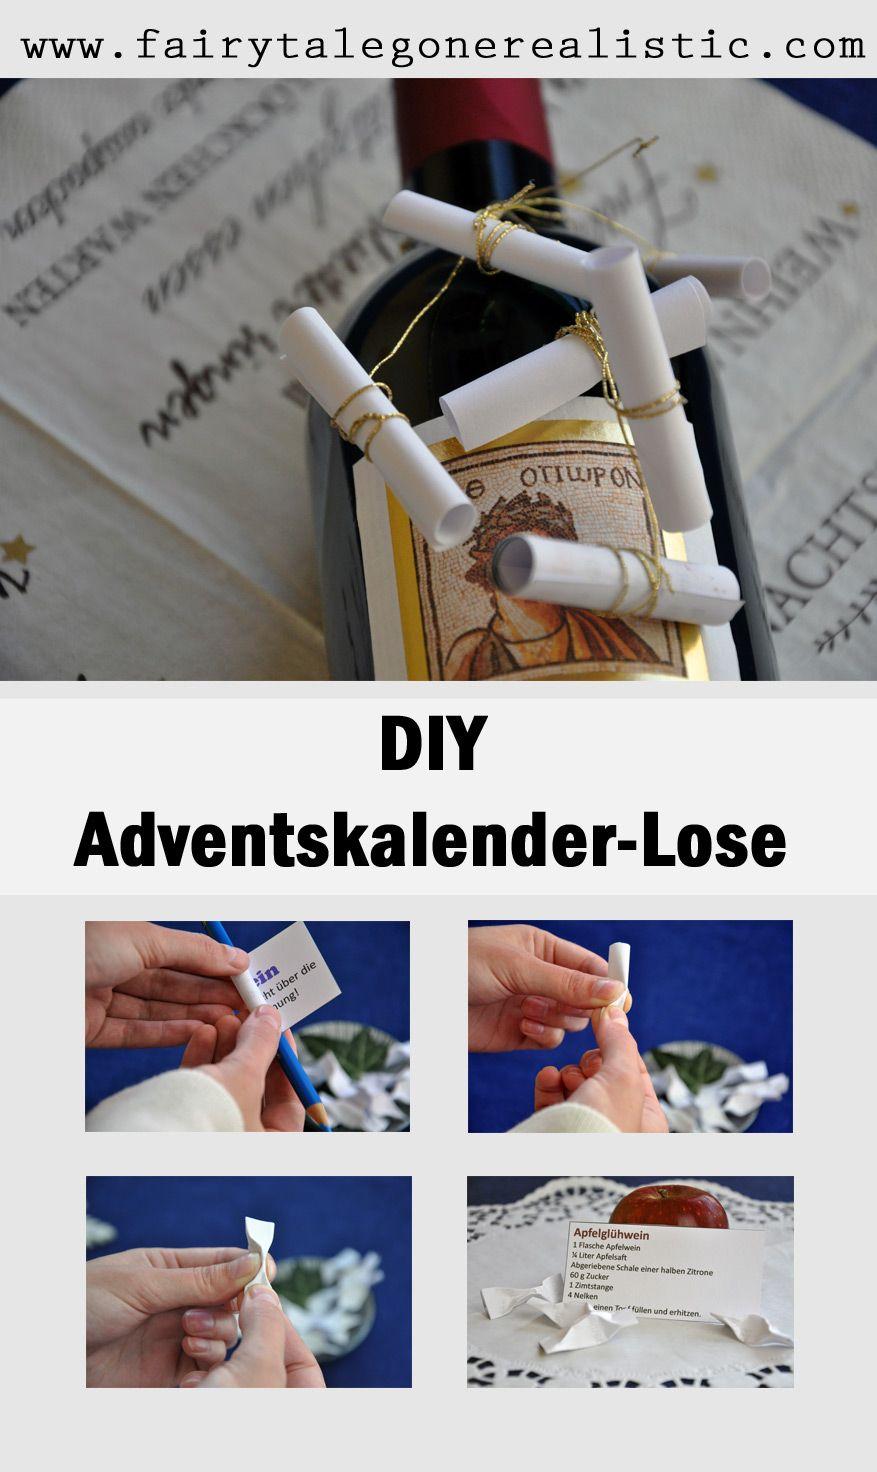 diy adventskalender lose zum downloaden diy gruppe. Black Bedroom Furniture Sets. Home Design Ideas